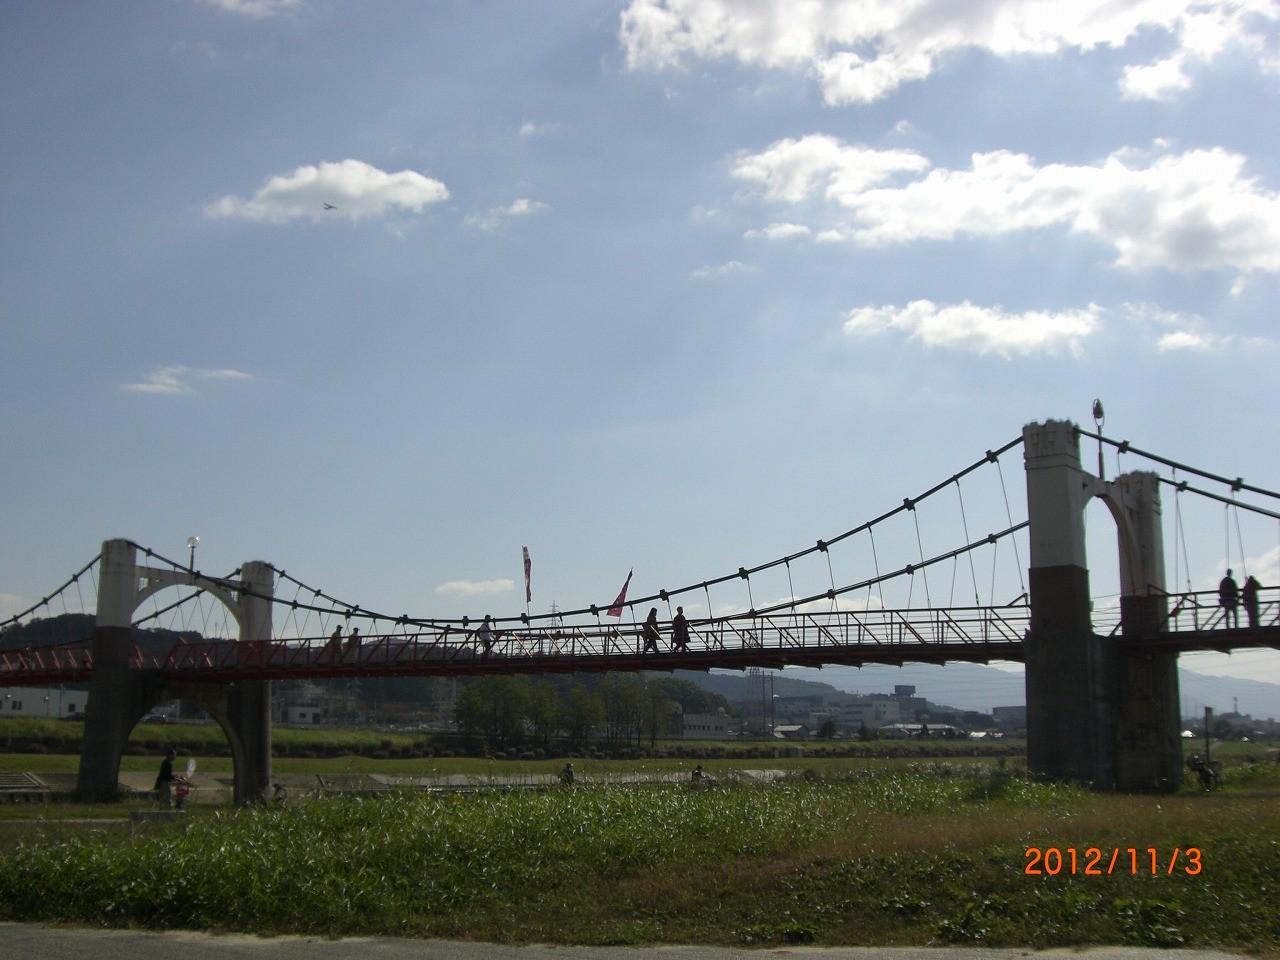 04_石川河川敷 自転車道が整備され、チャリダーが多い。ランニングも楽しめる